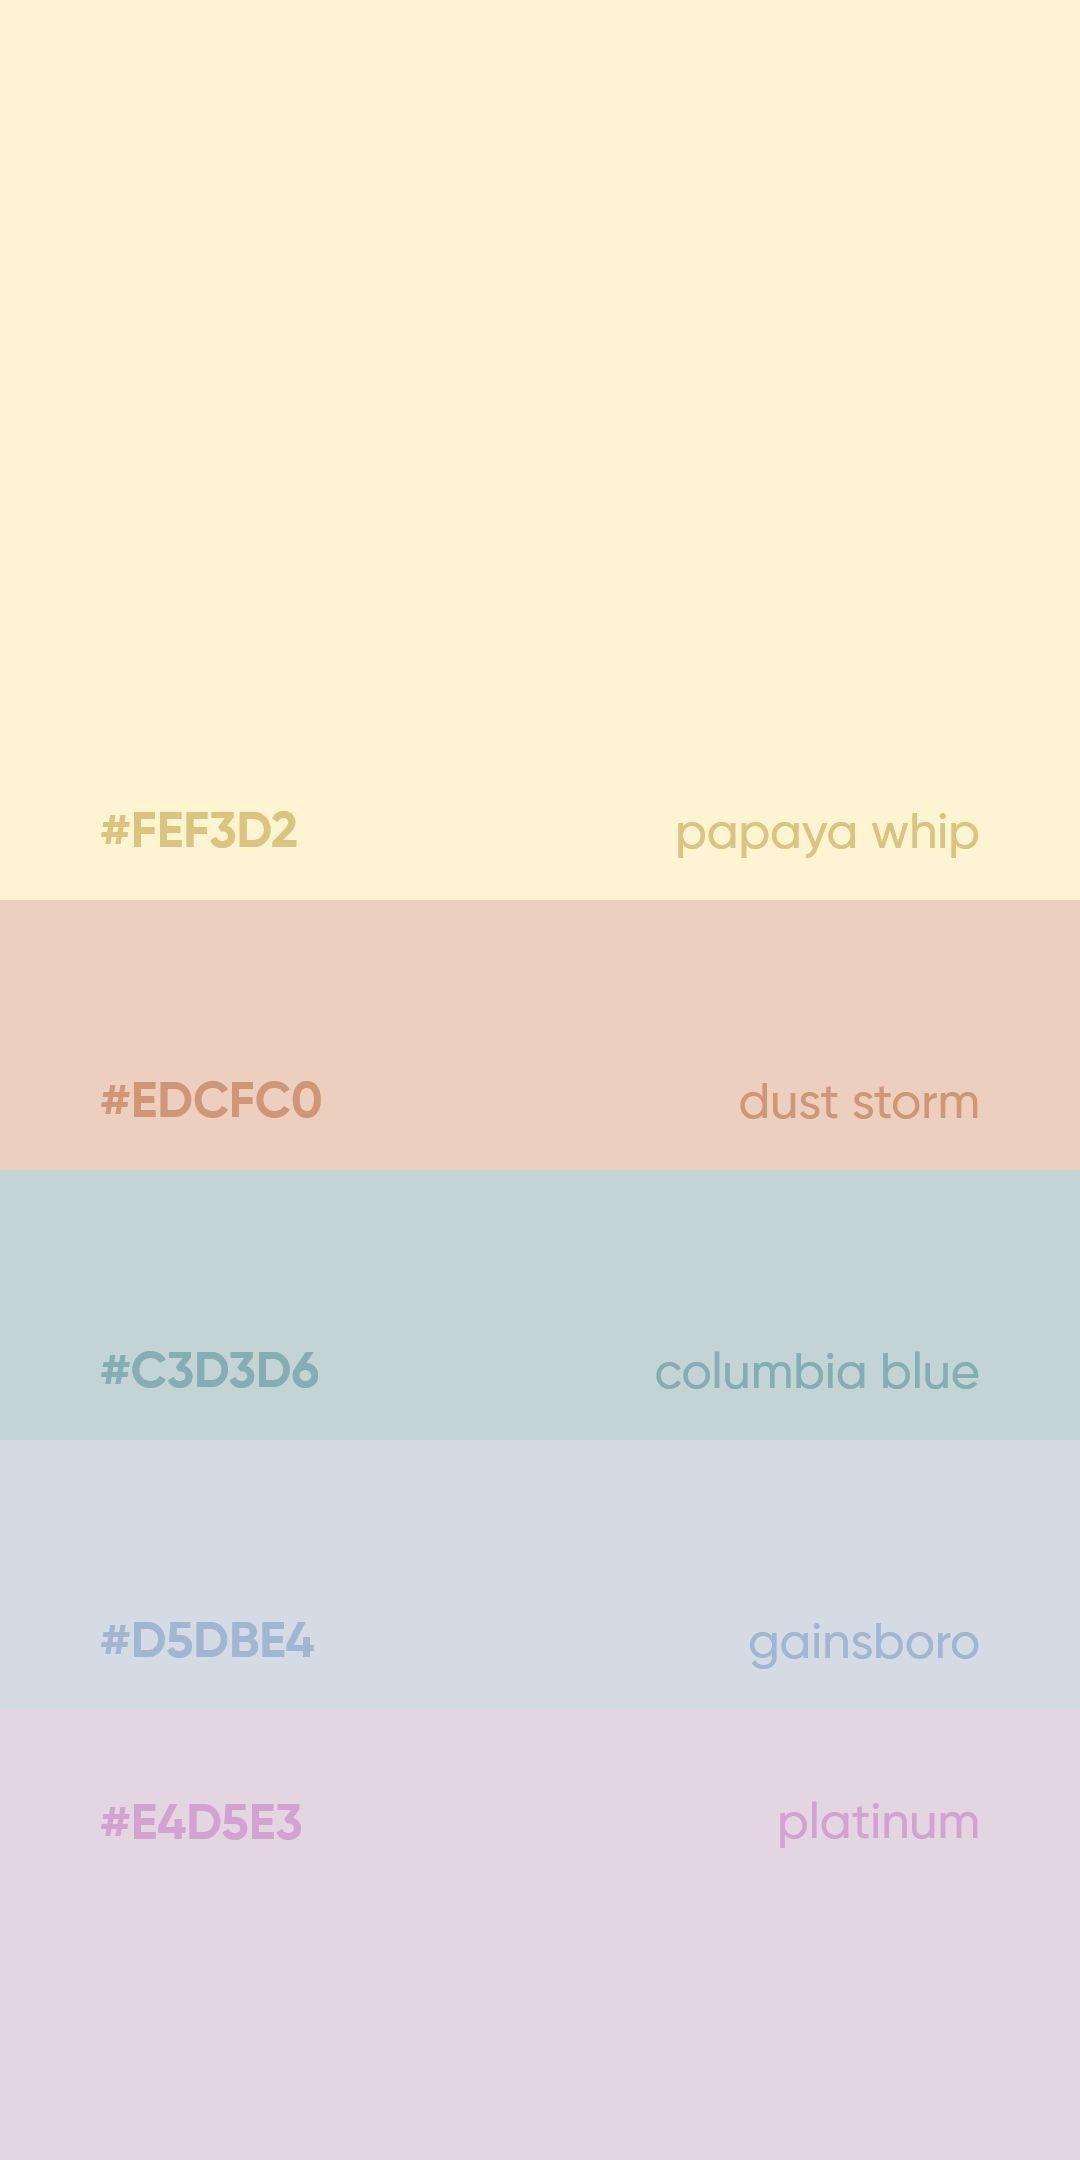 Pin By Fateme Anousheh On Colores In 2020 Flat Color Palette Color Palette Design Pantone Colour Palettes